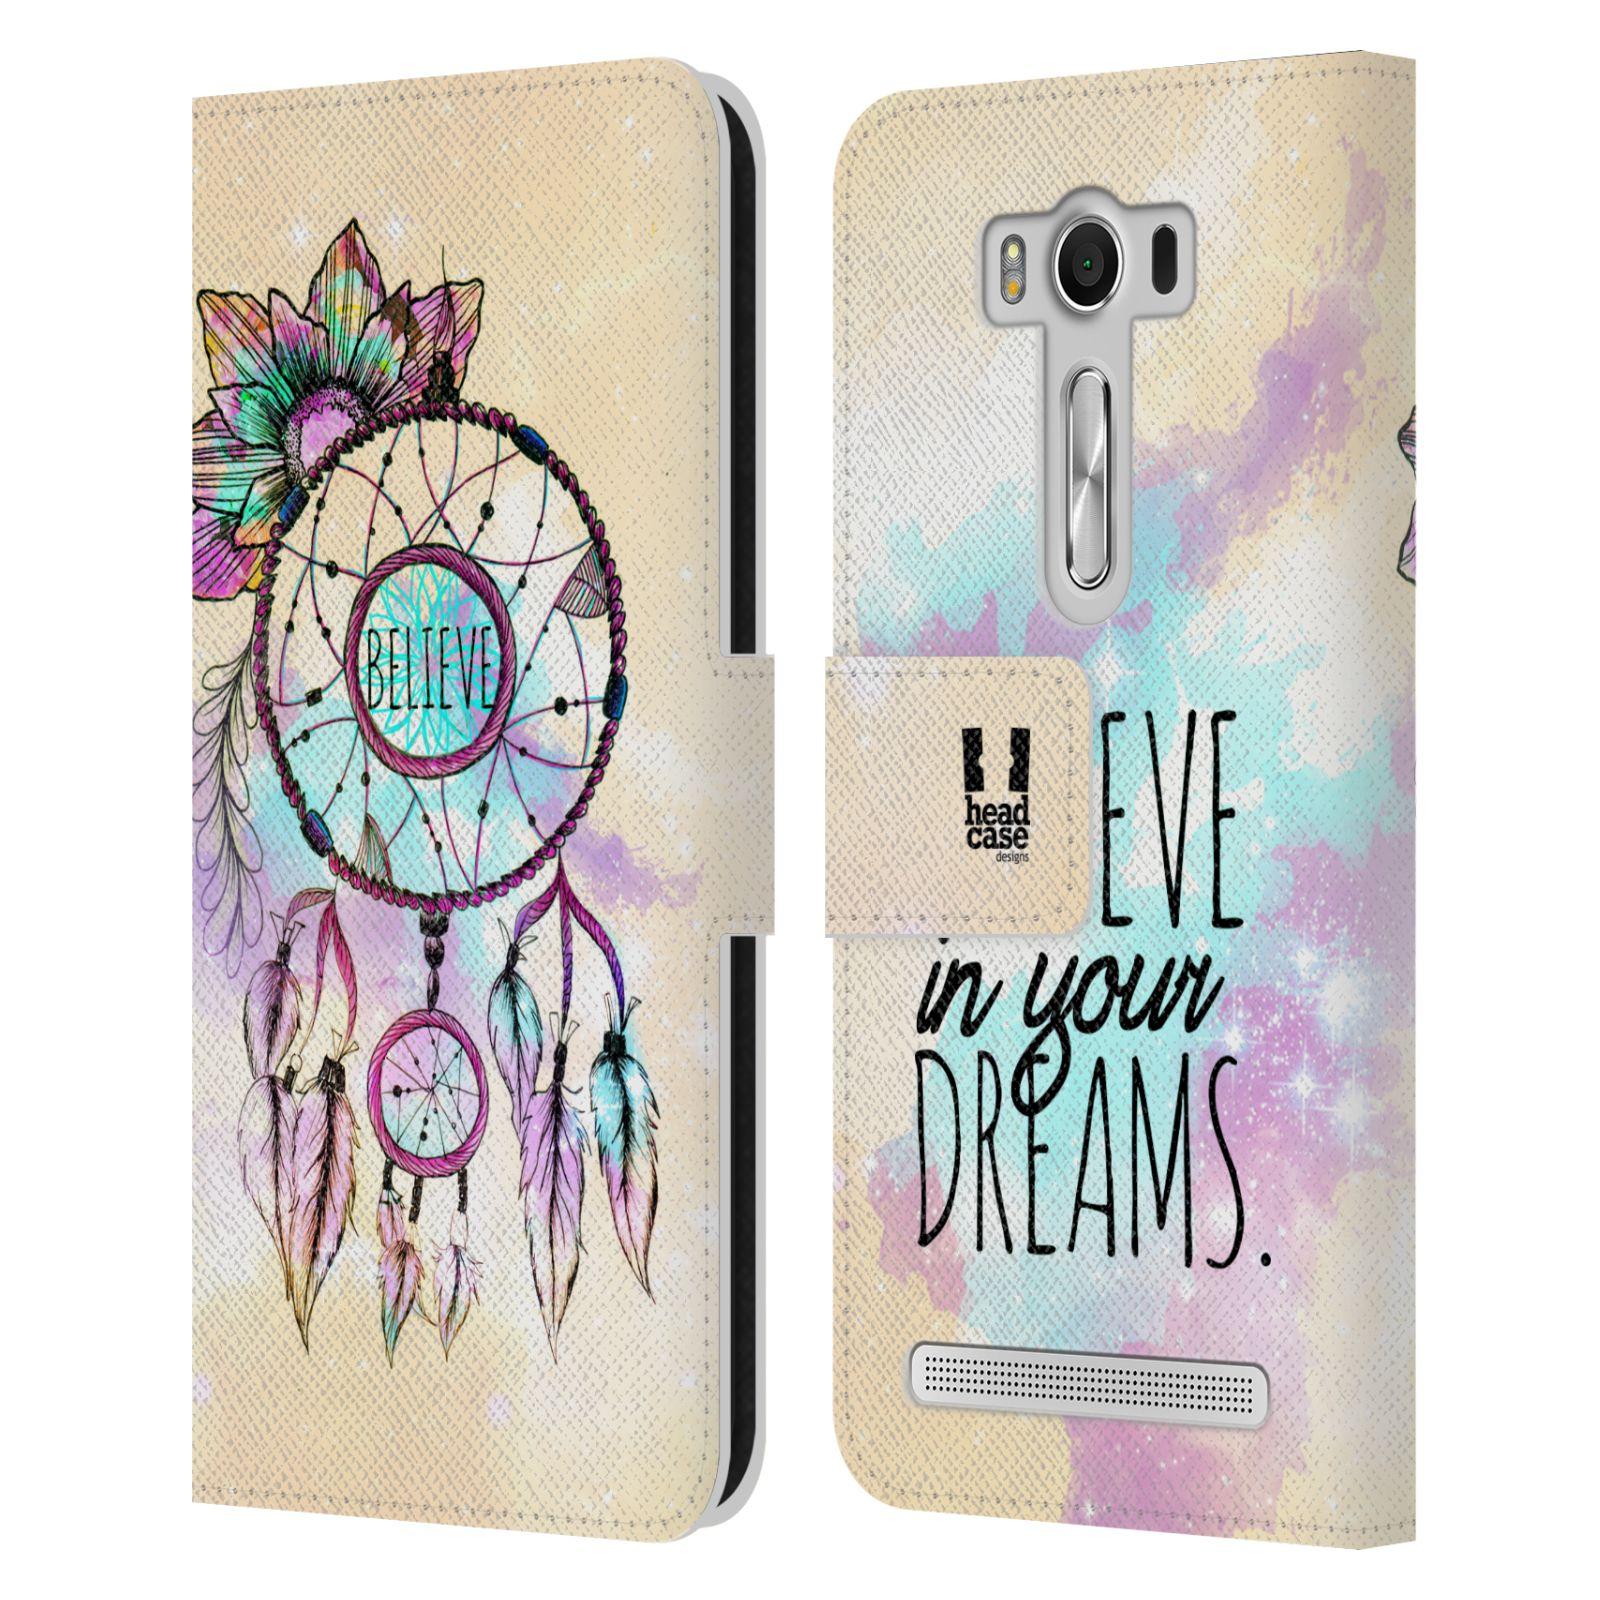 Pouzdro na mobil Asus Zenfone 2 Laser ZE500KL - Head Case - Lapač snů - květy fialová